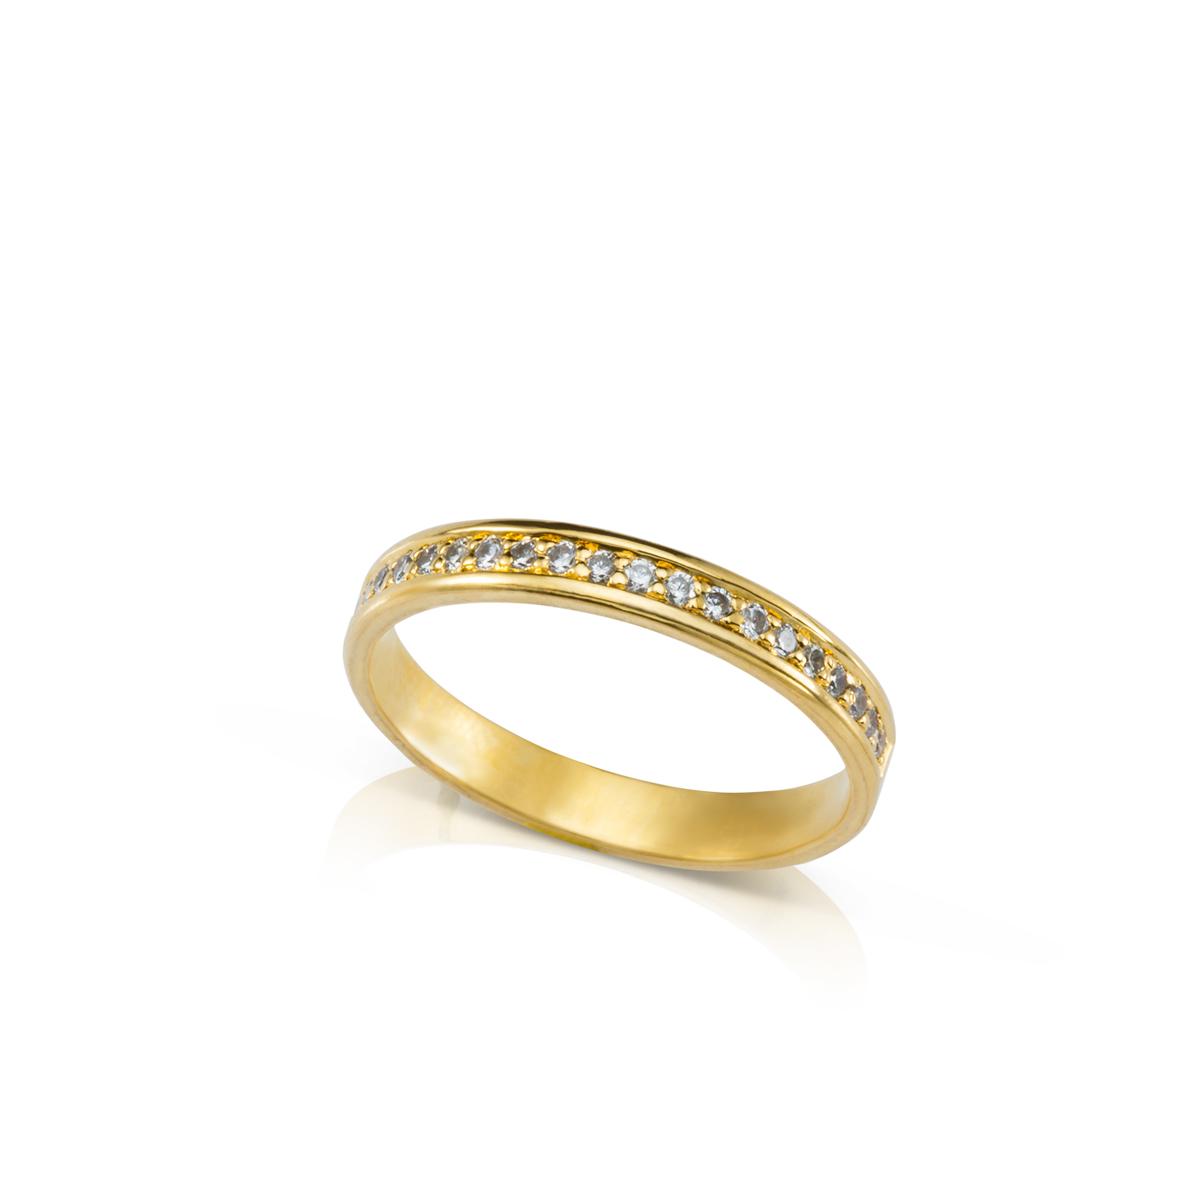 טבעת זהב משובצת שורת יהלומים עם שוליים